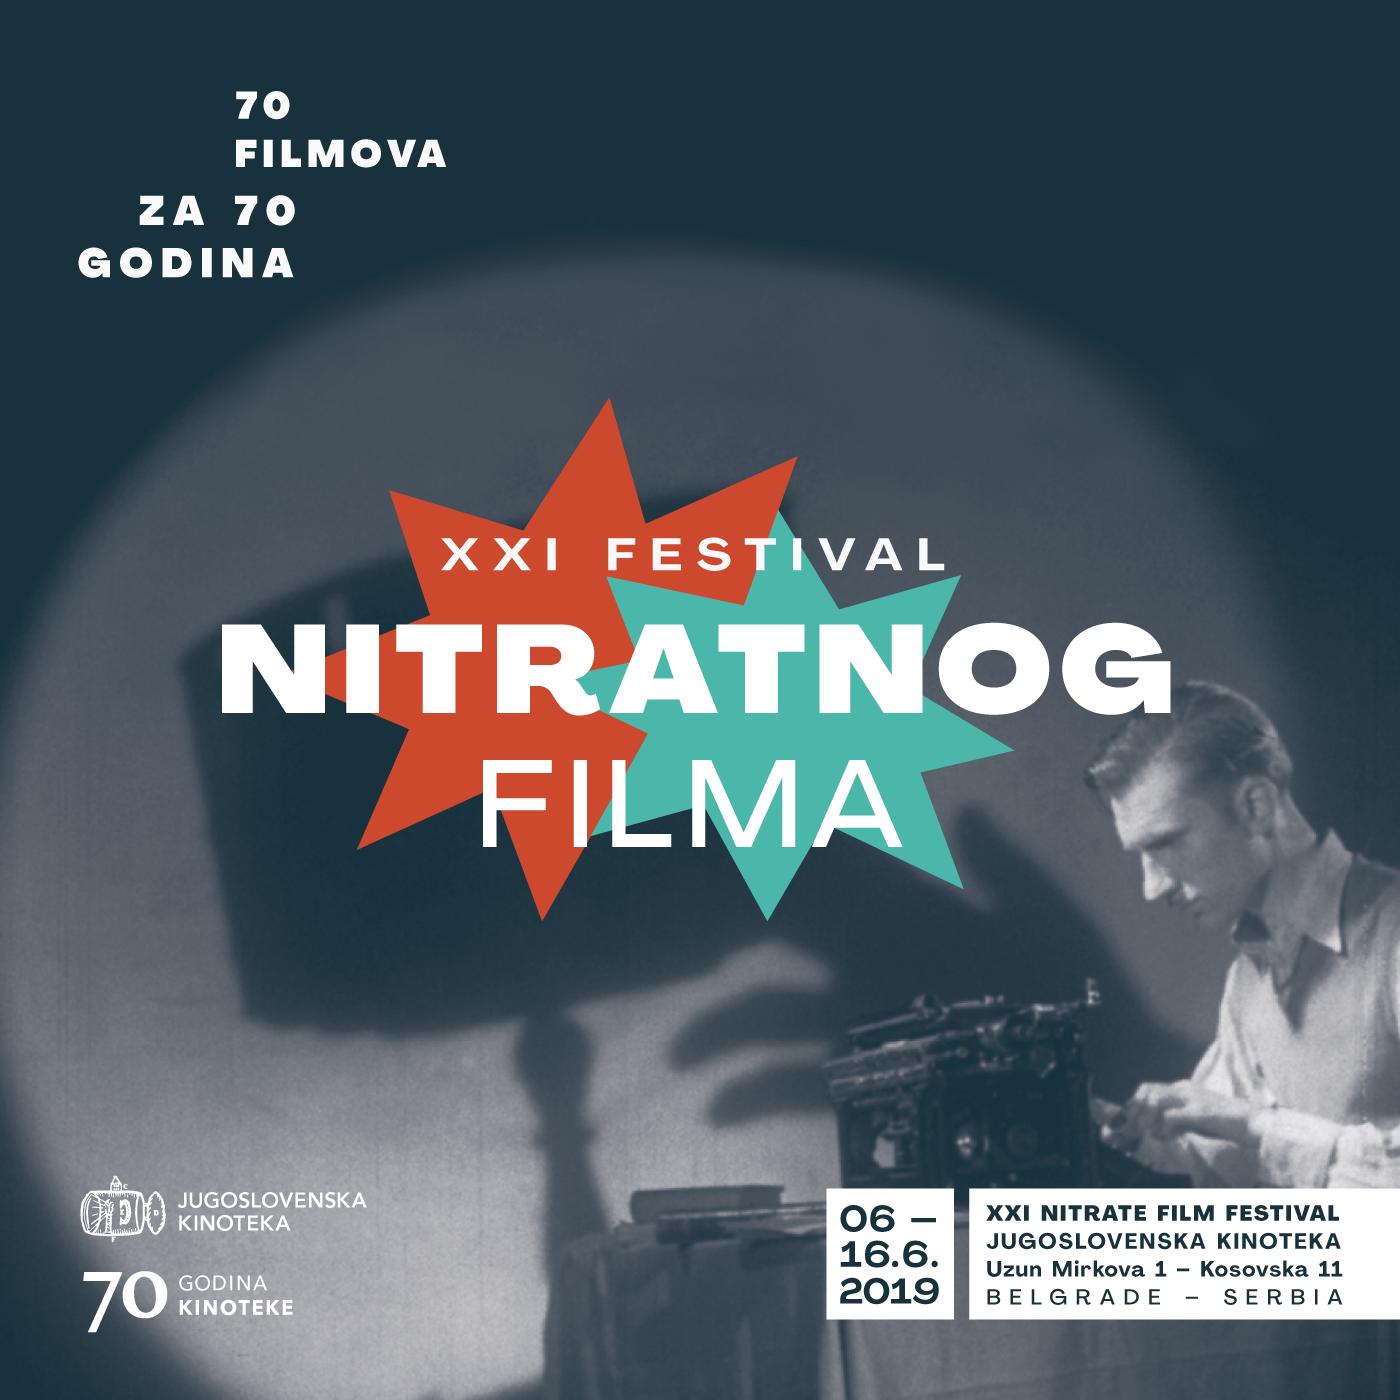 XXI-NITRATNI-FESTVIVAL,-insta-post-1400×1400-01